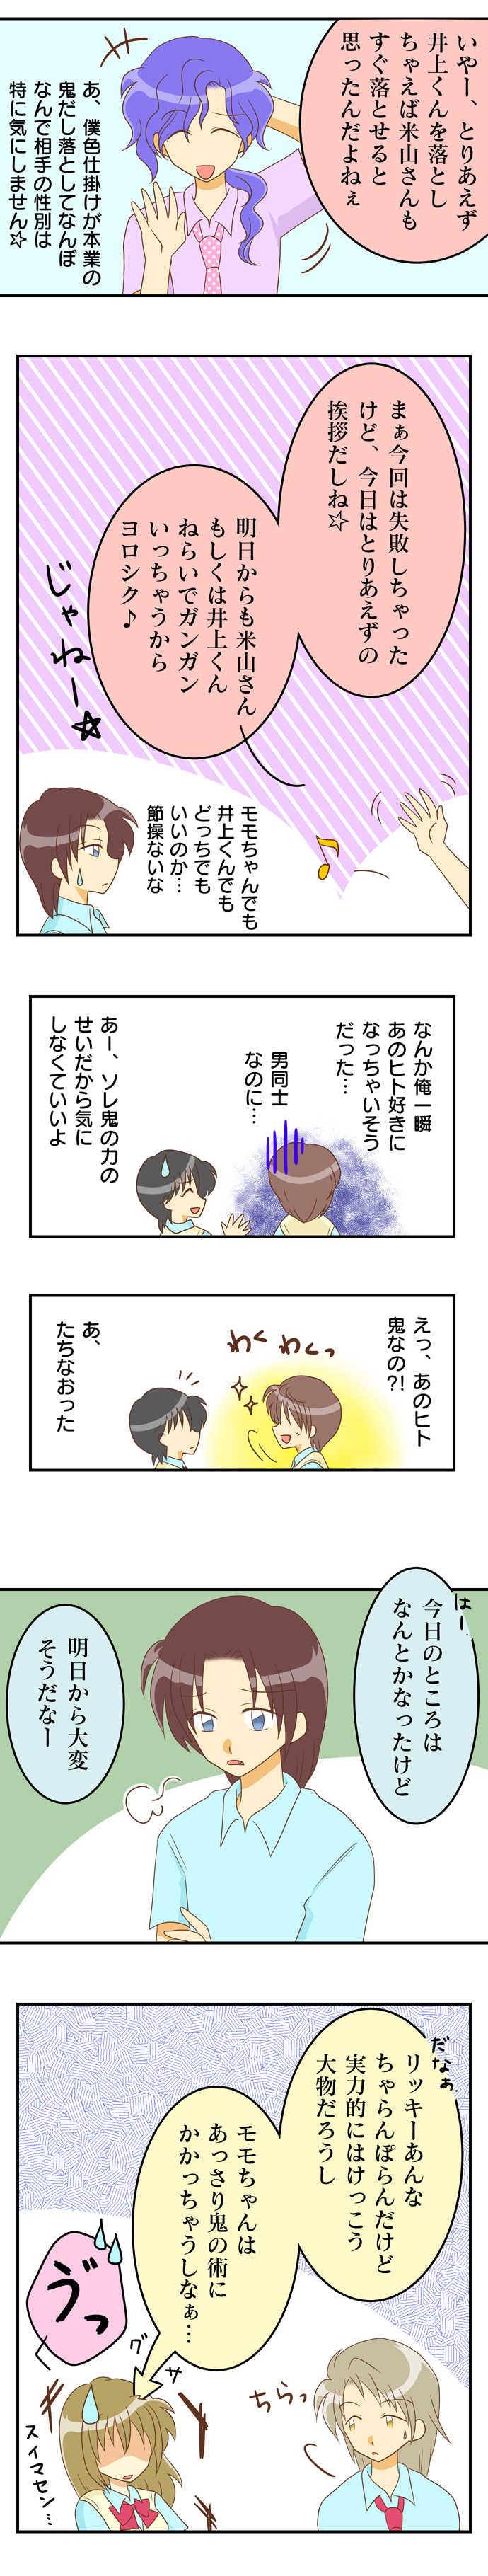 れっつ8.リッキーVS〇〇?!